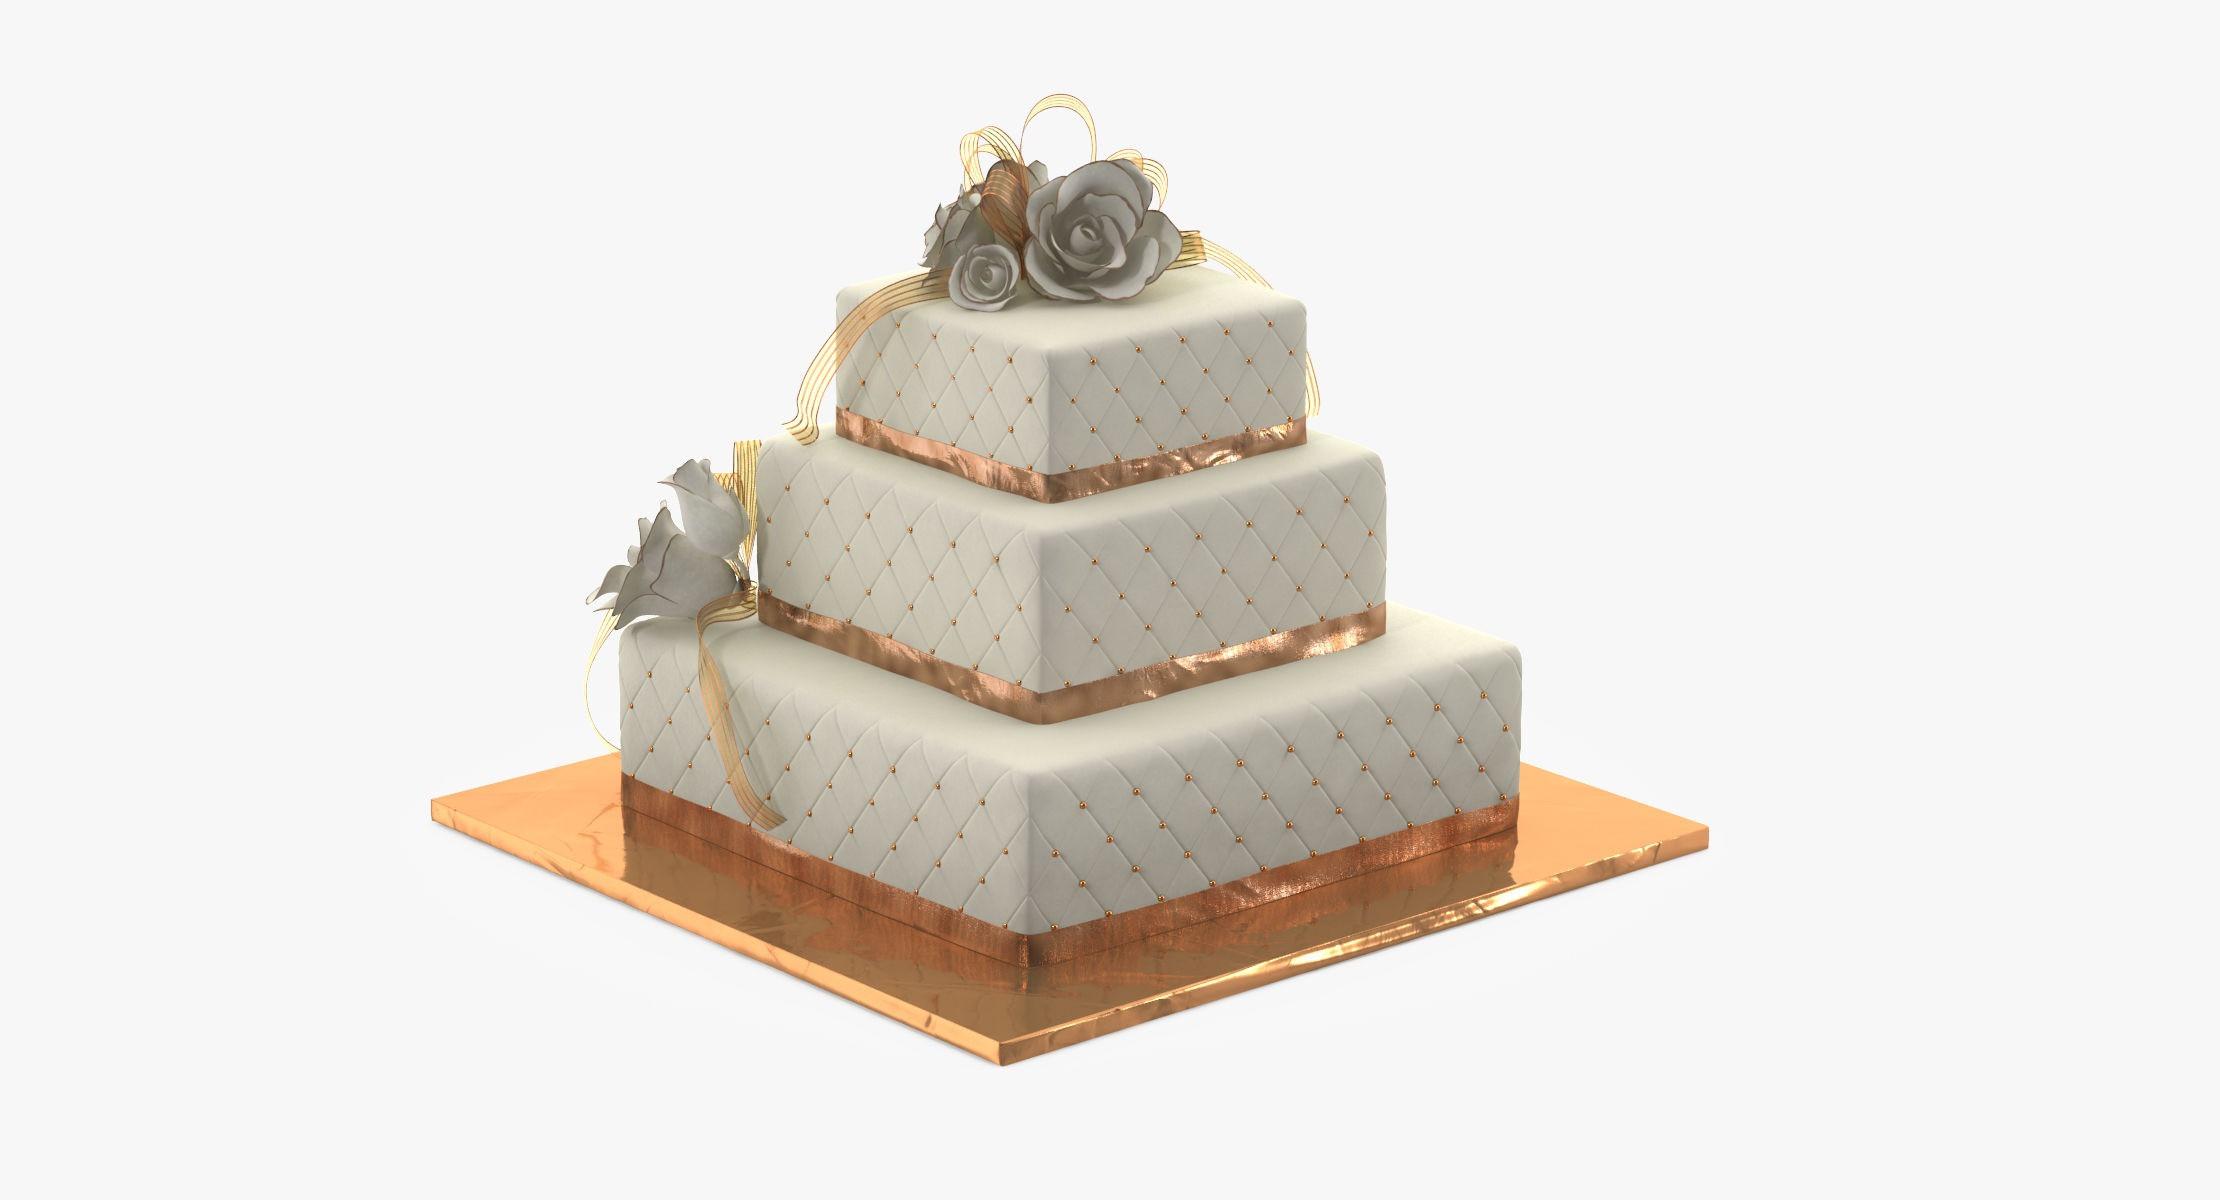 Wedding Cakes Models  Square Wedding Cake